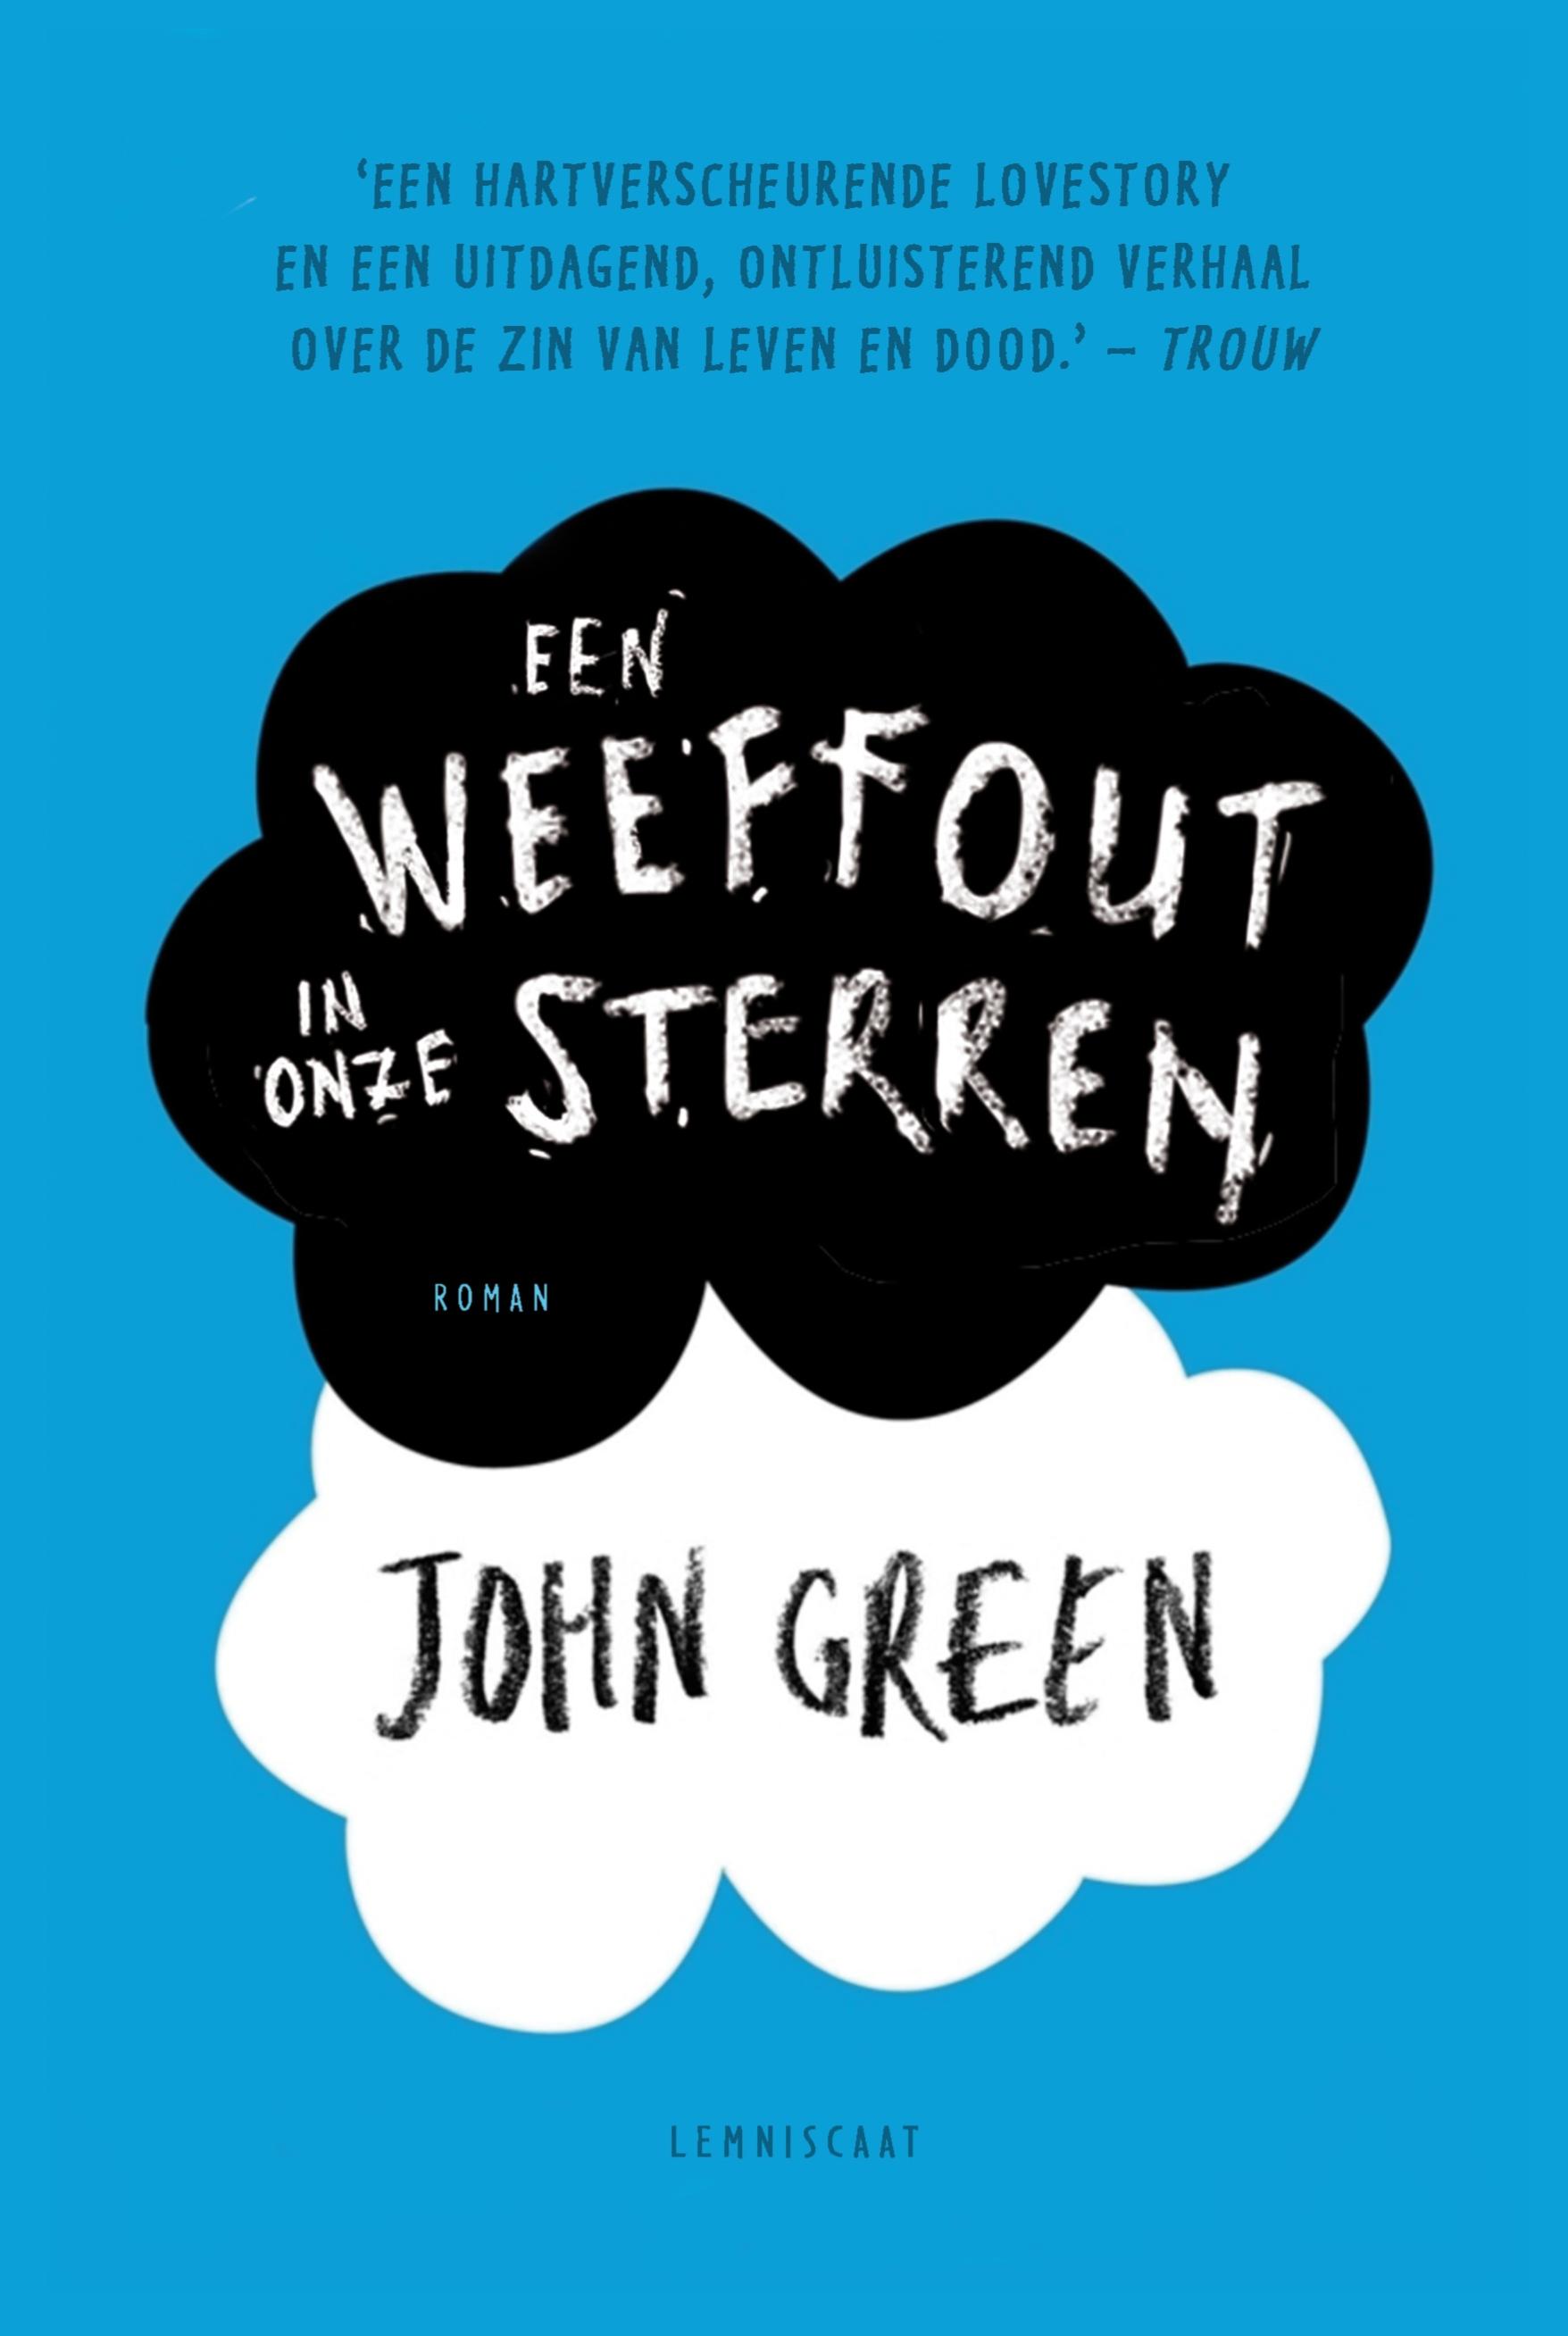 Een weeffout in onze sterren – John Green